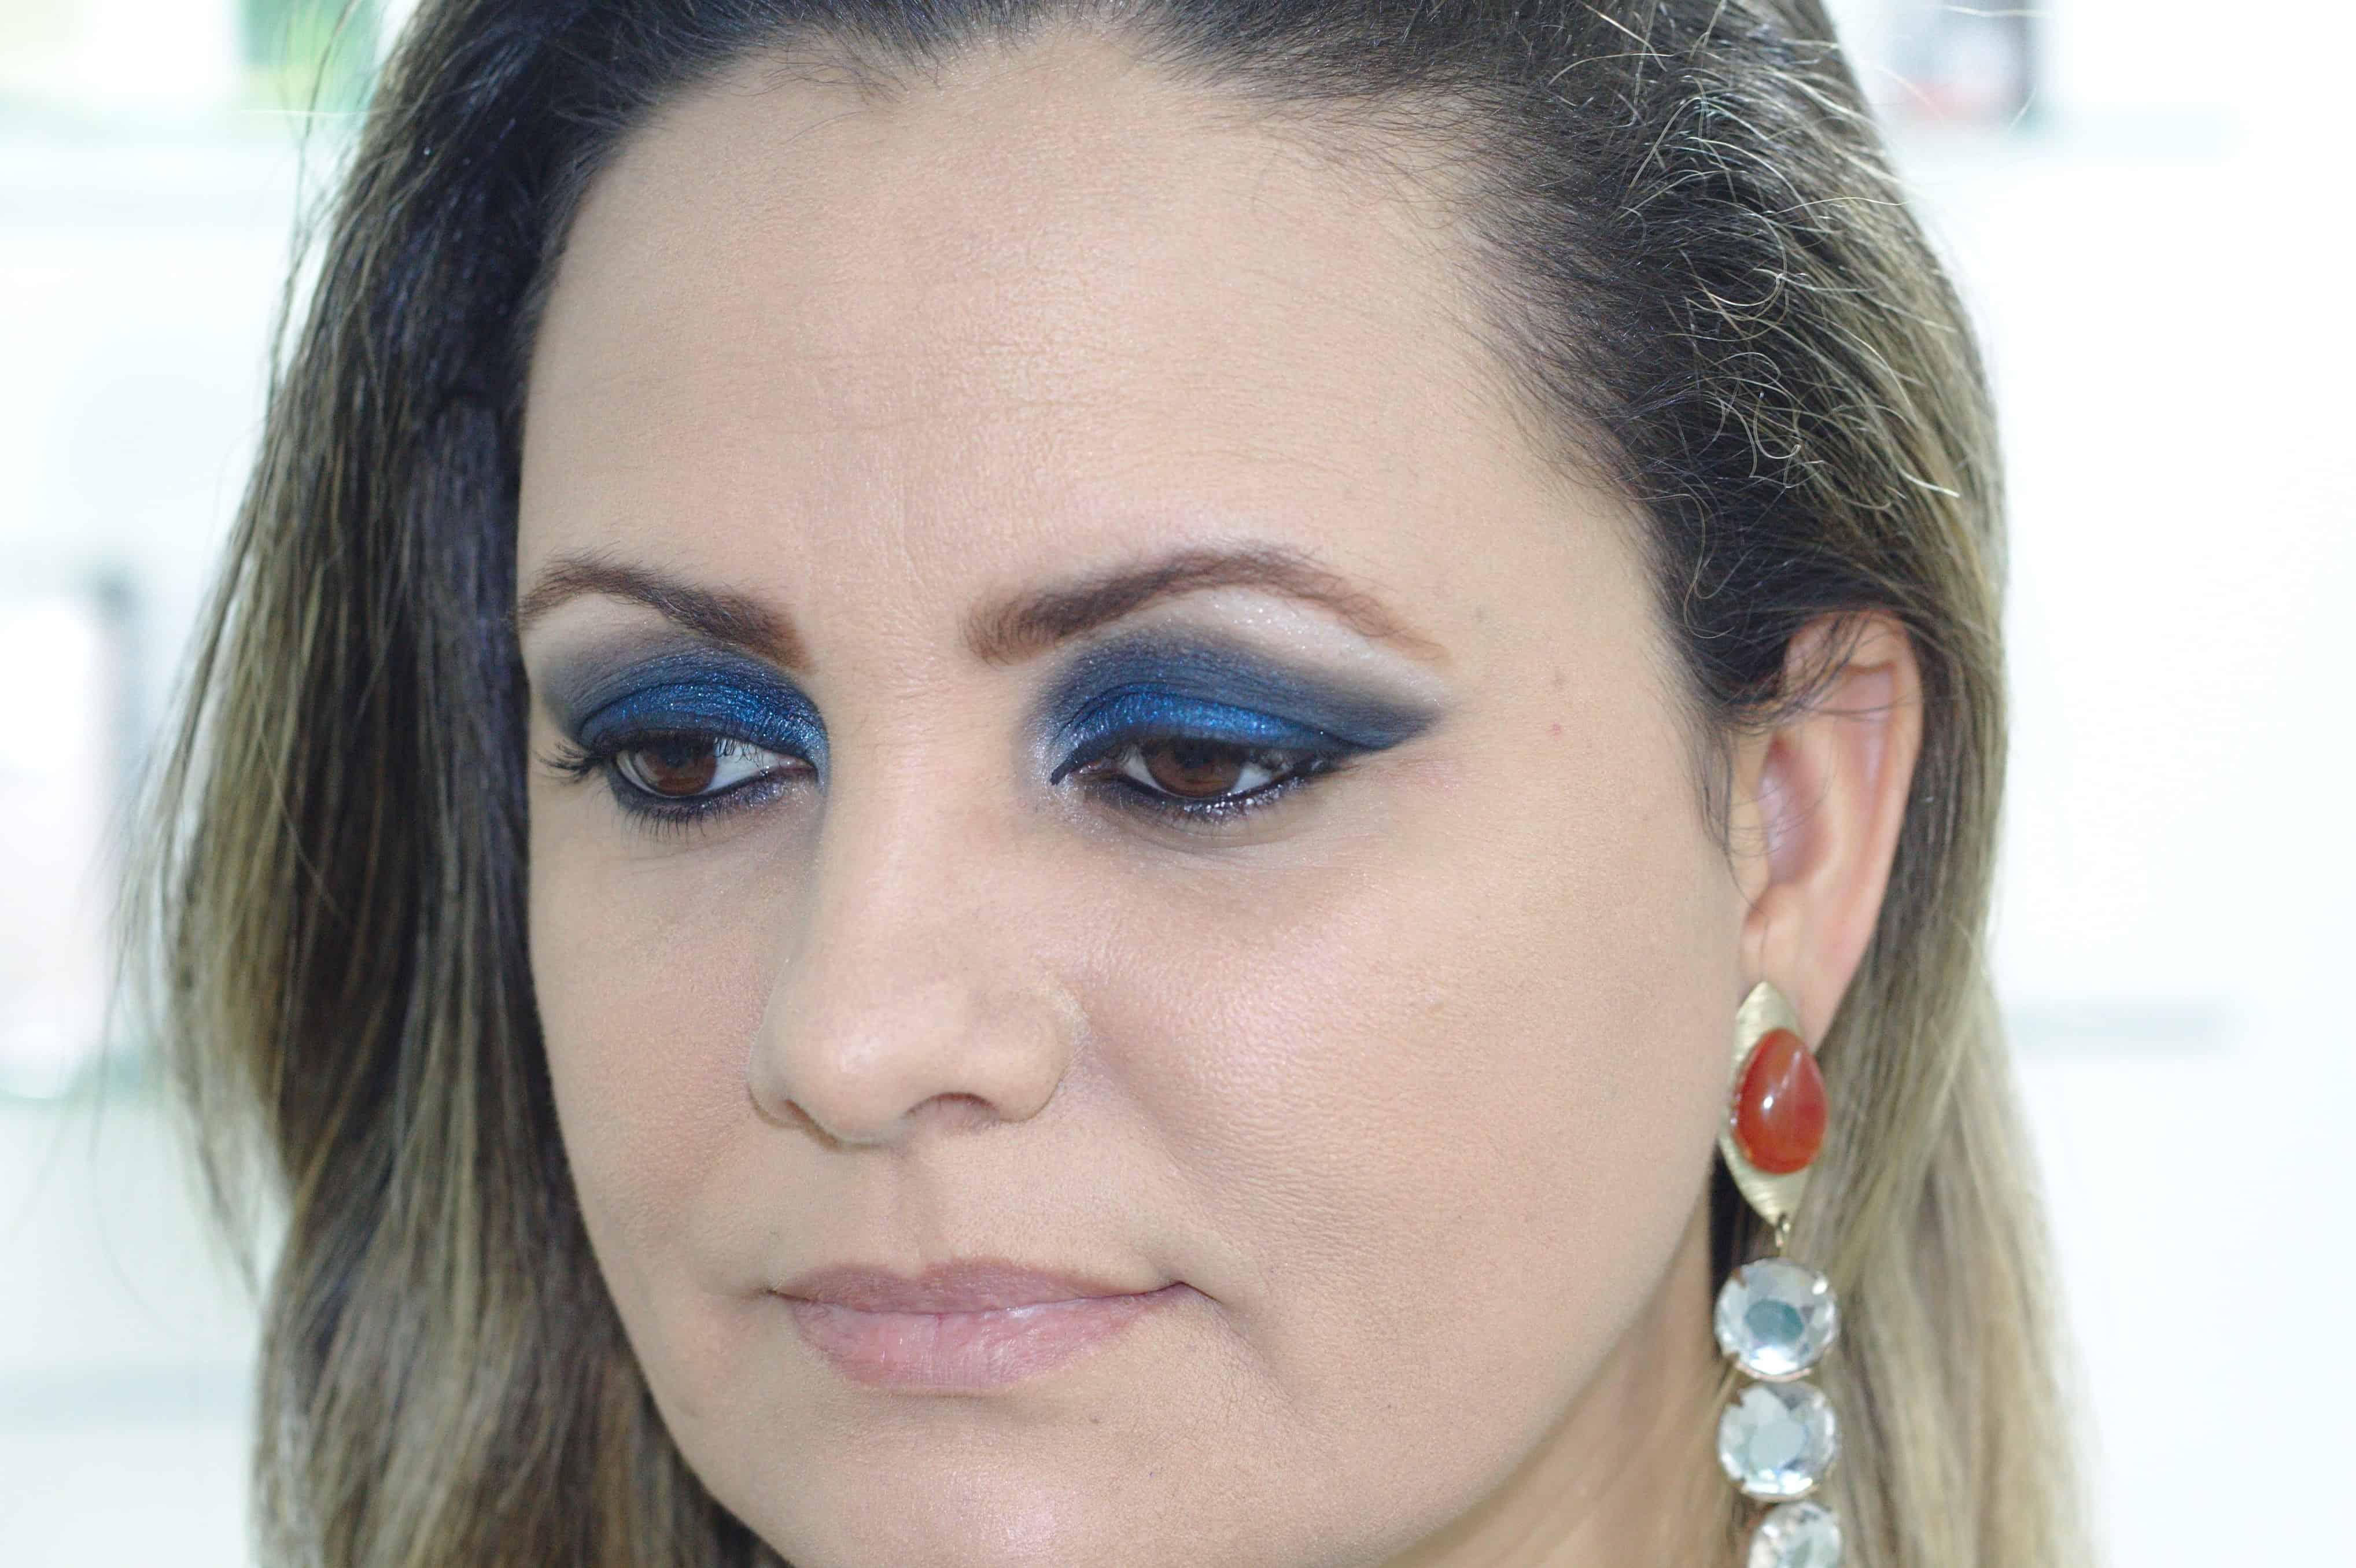 Maquillage jolie set de pinceau maquillage pcs pinceaux de maquillage licorne color kit - Comment faire le maquillage de kim kardashian ...